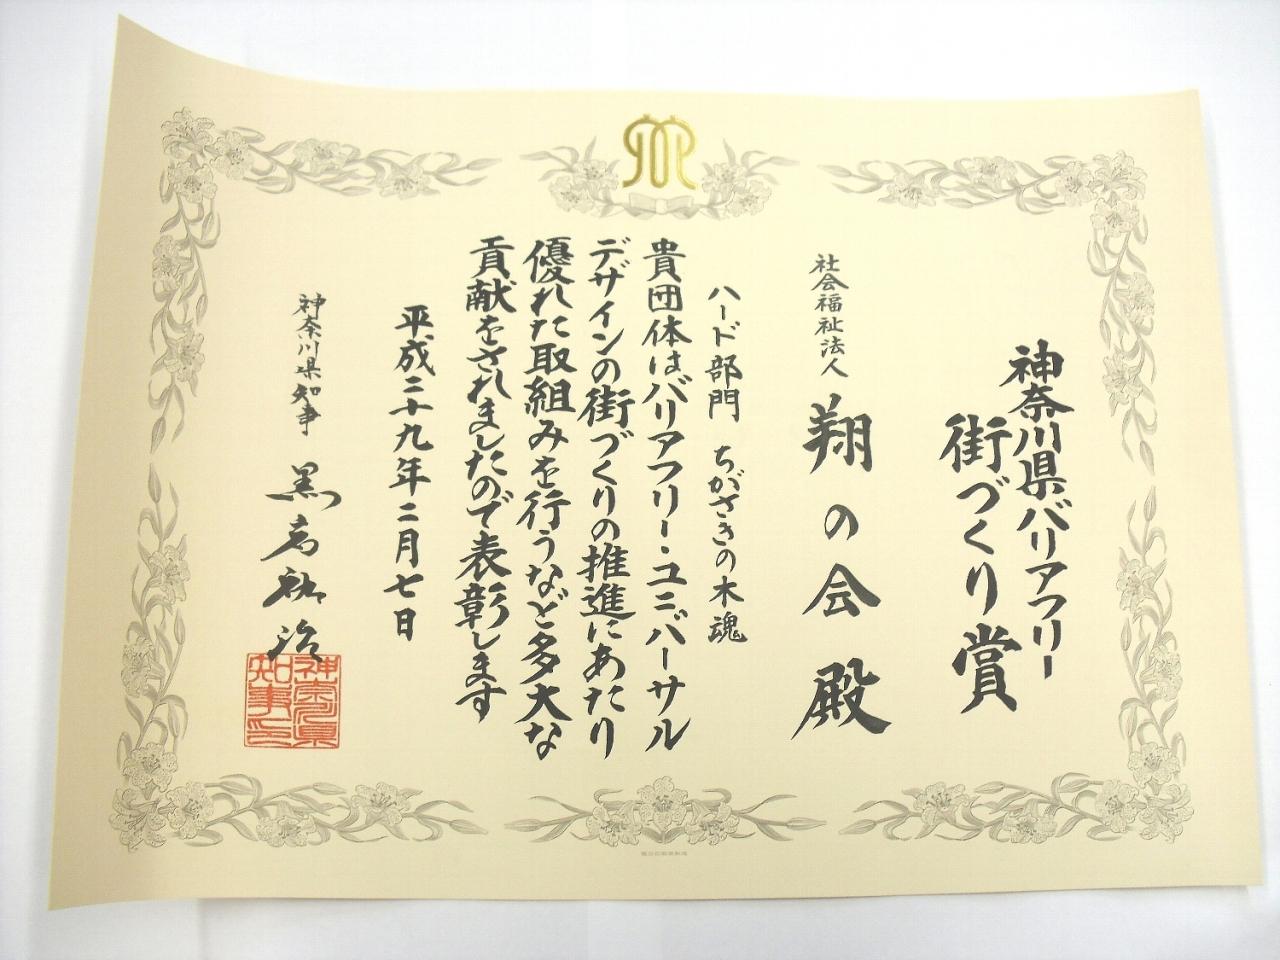 第9回神奈川バリアフリー街づくり賞表彰式で「ちがさきの木魂」が表彰されました!